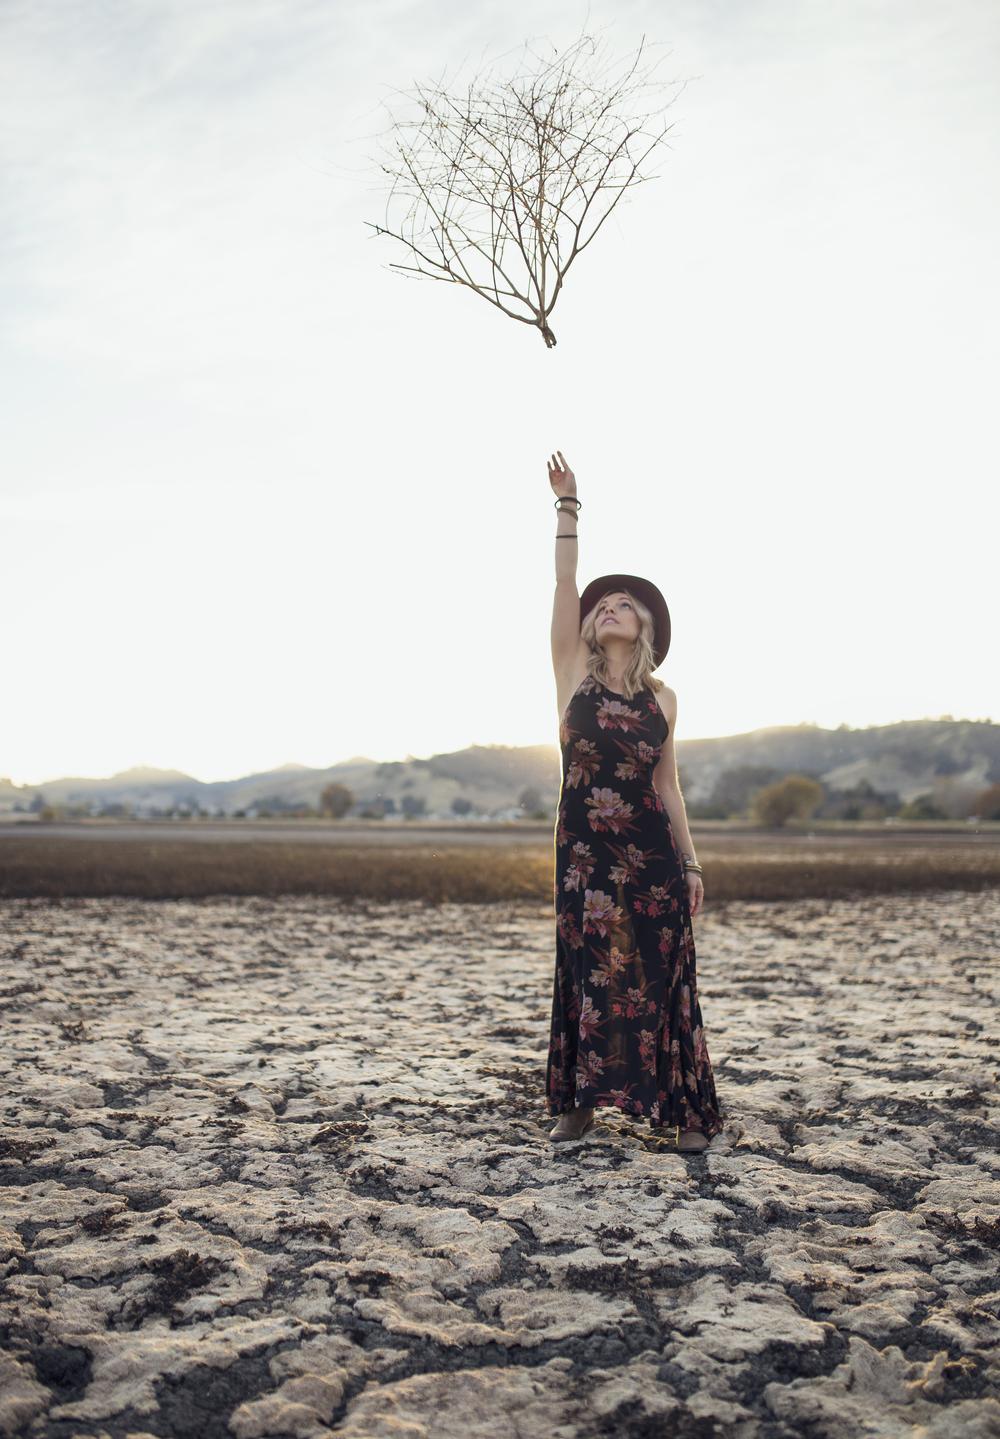 Jared Teska Photography www.jaredteskaphotography.com